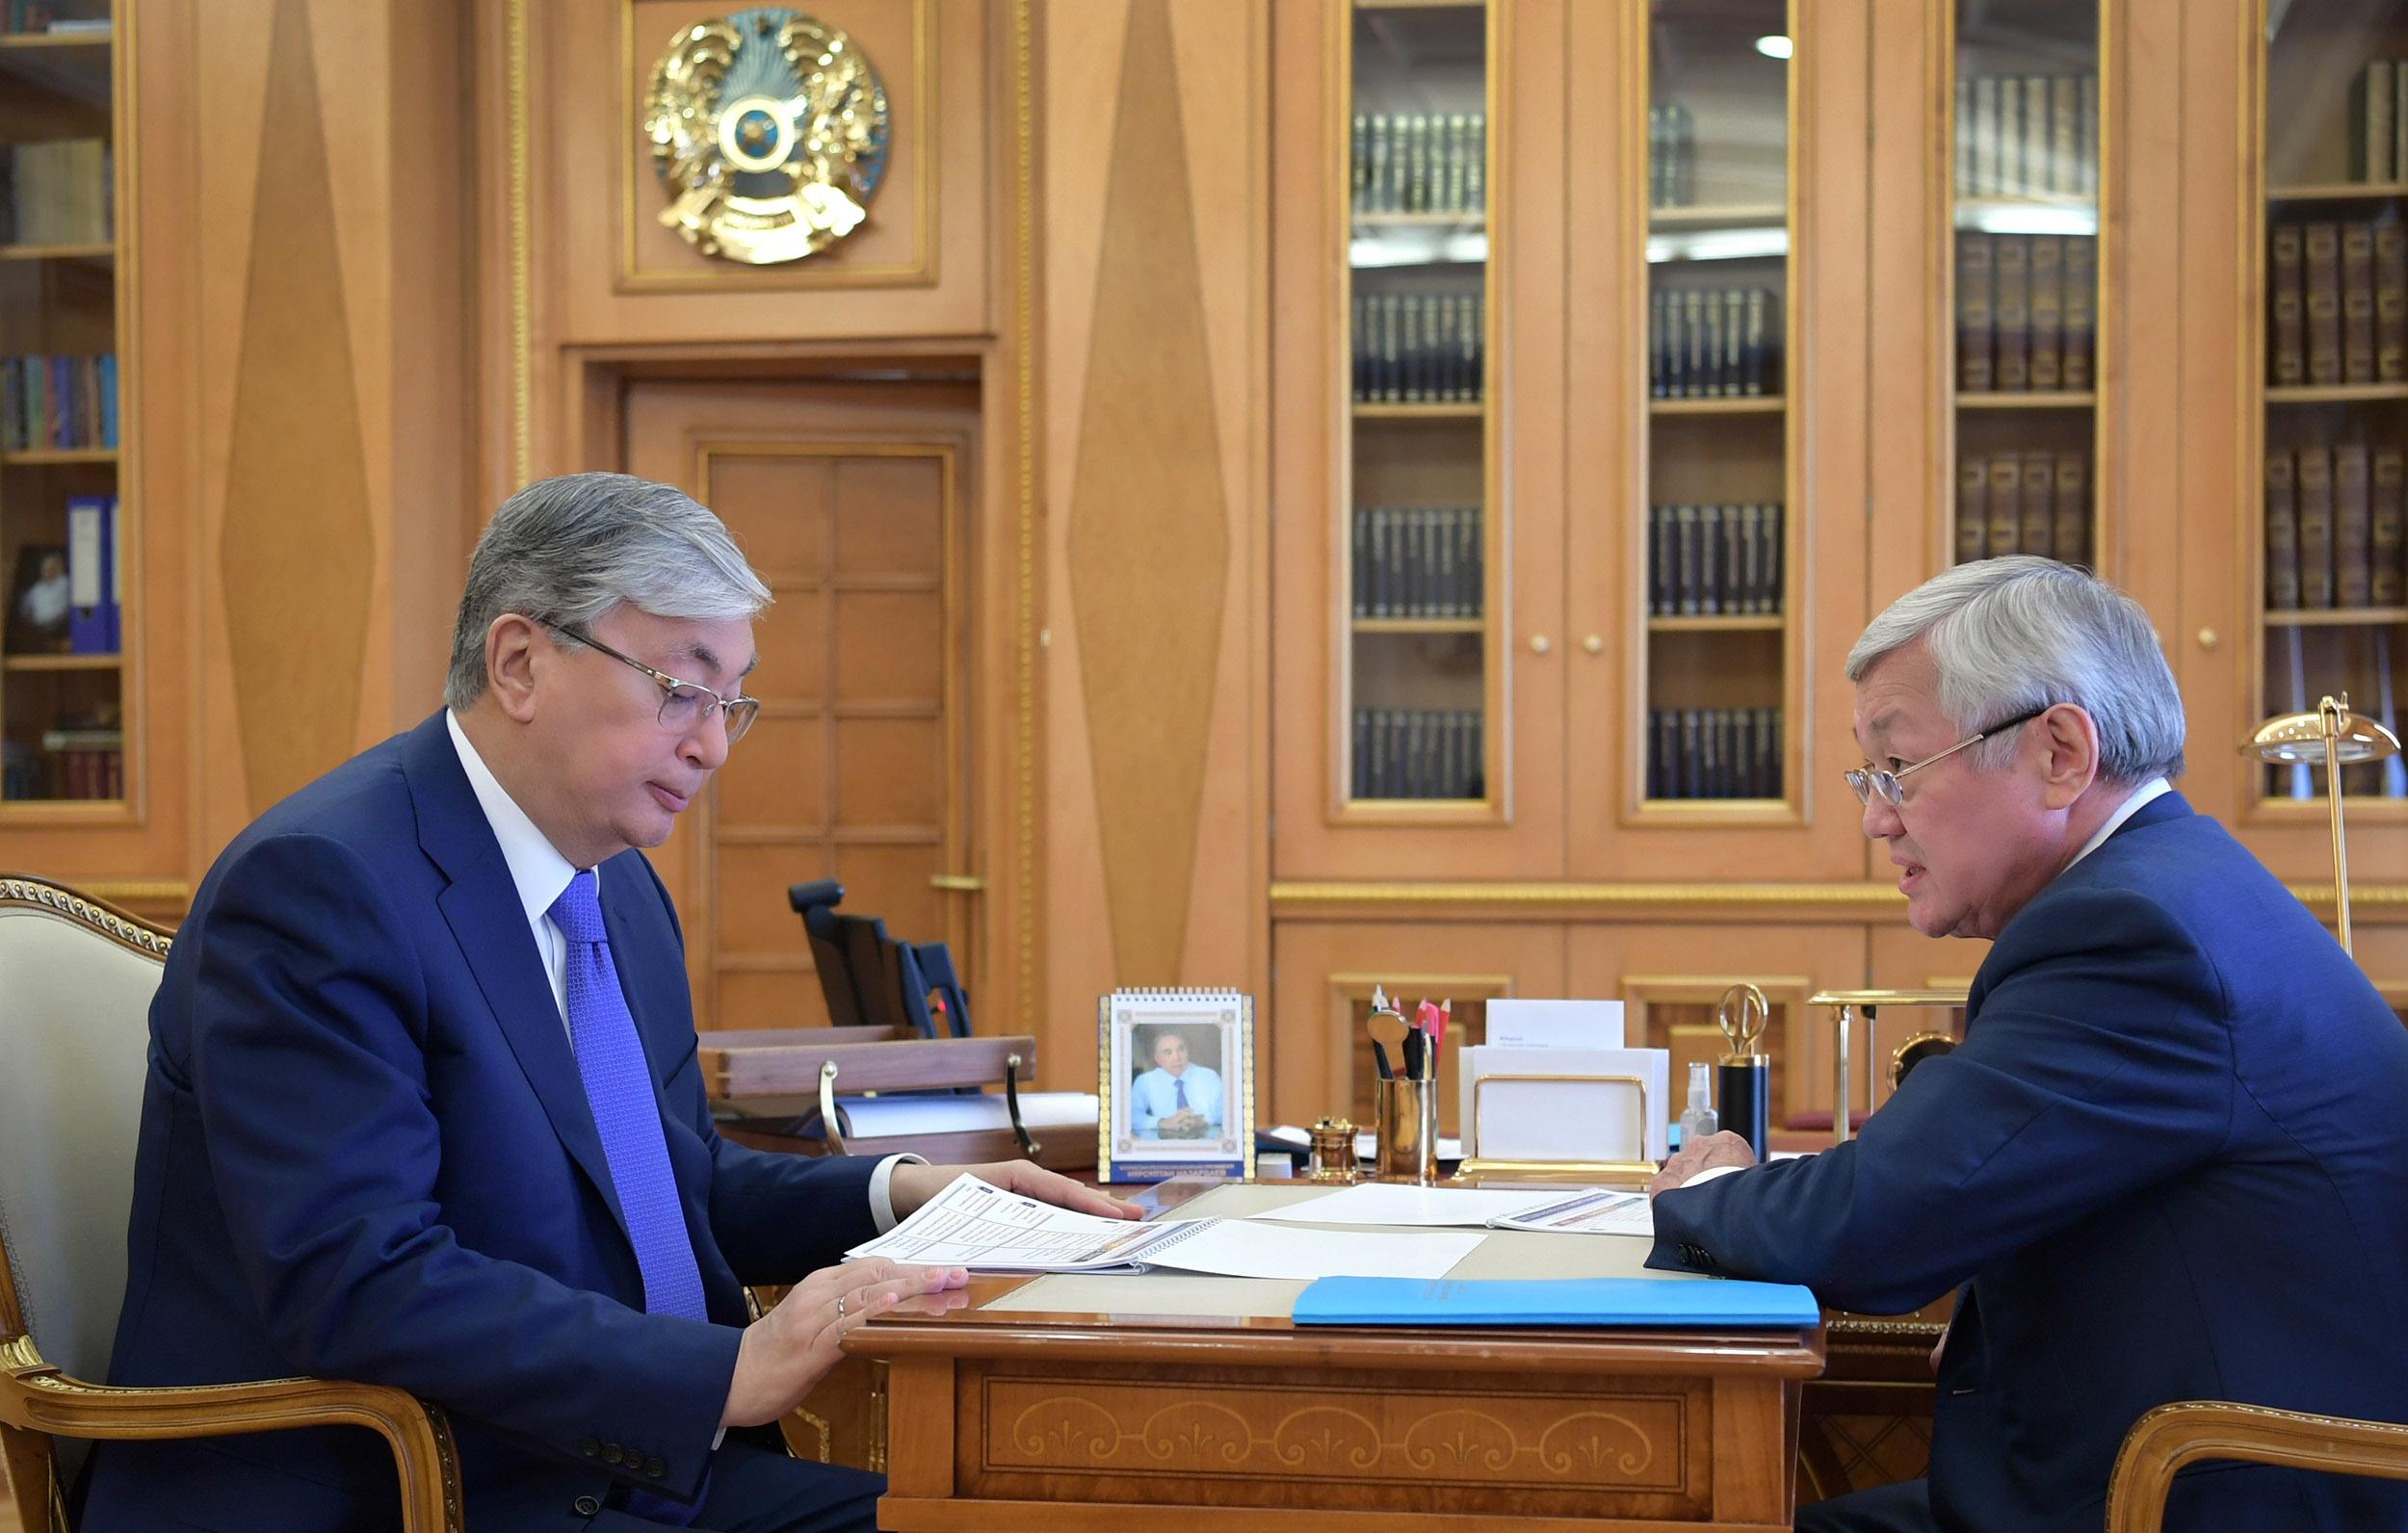 Президент Казахстана заявил о необходимости принять меры по недопущению превышения уровня безработицы